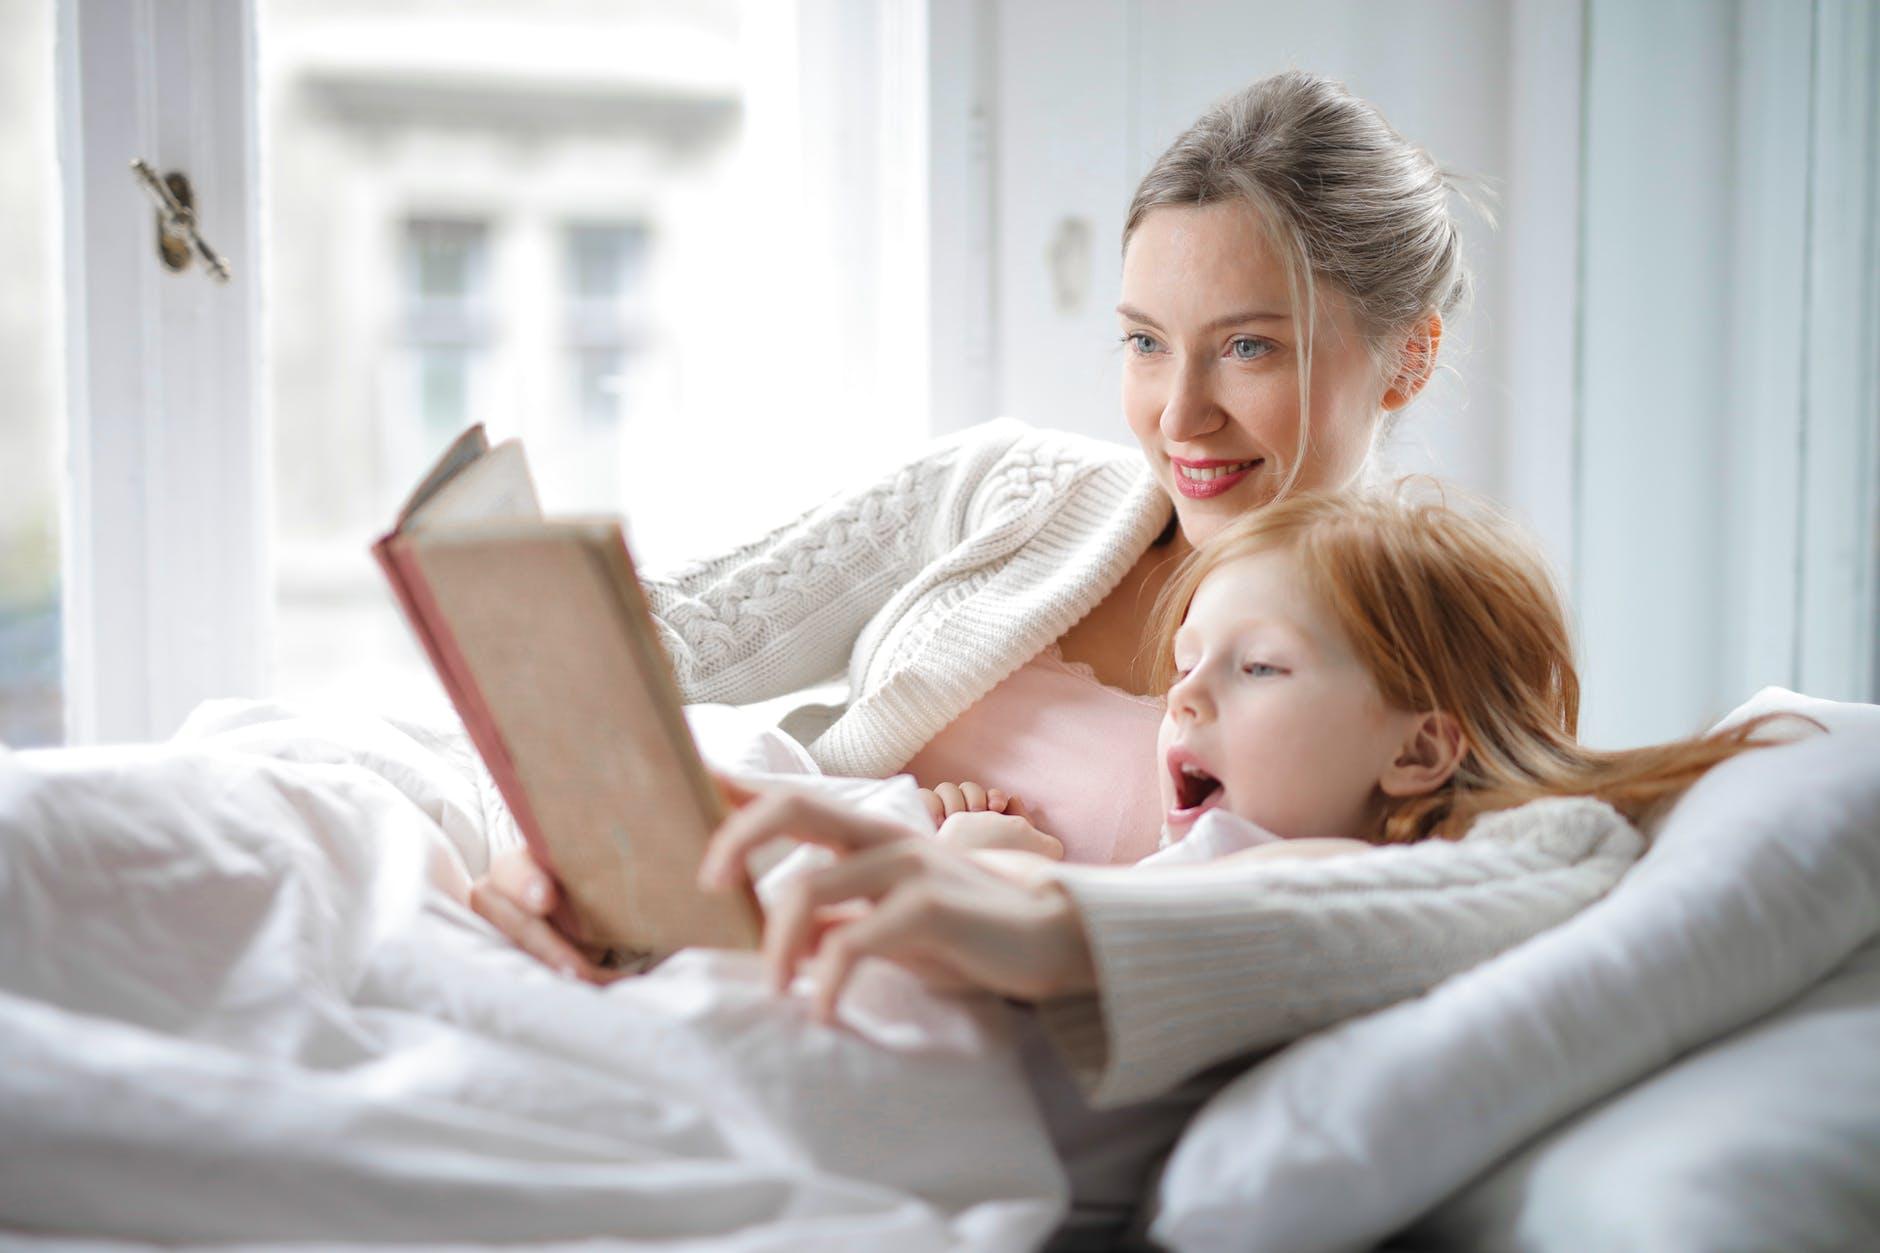 Zakaj bi morali starši spodbujati branje pri otroku